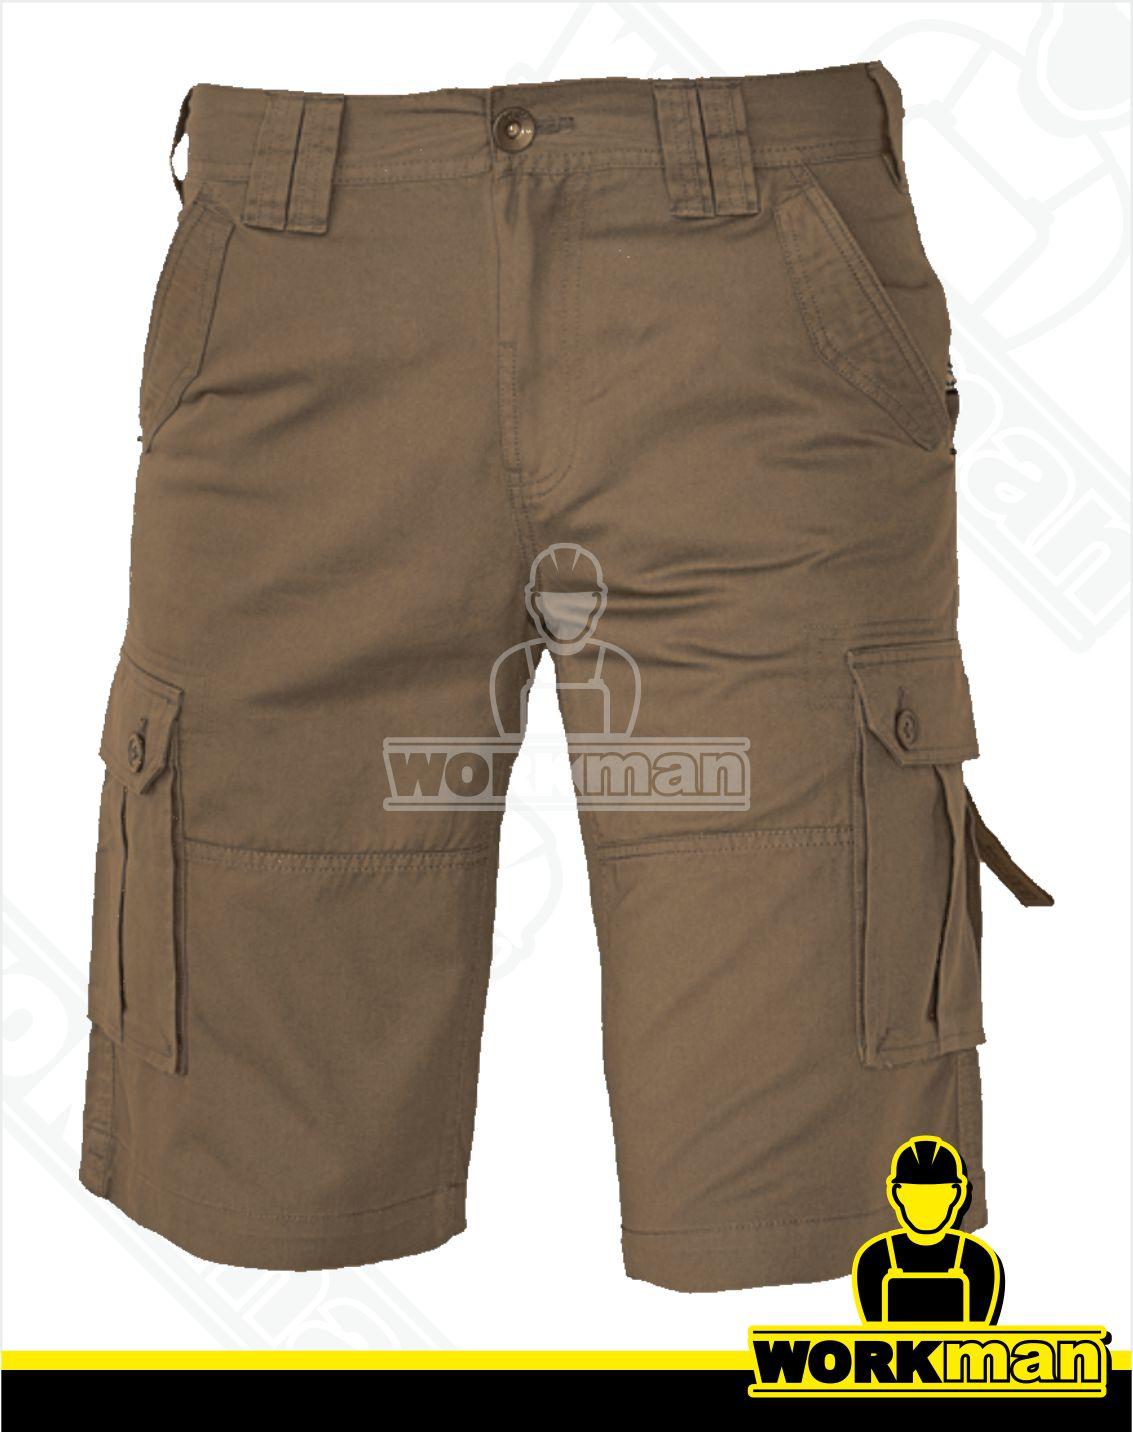 4371d0c2bbc1 Outdoorové šortky CHENA Crv Červa olivová Pracovné odevy WORKMAN